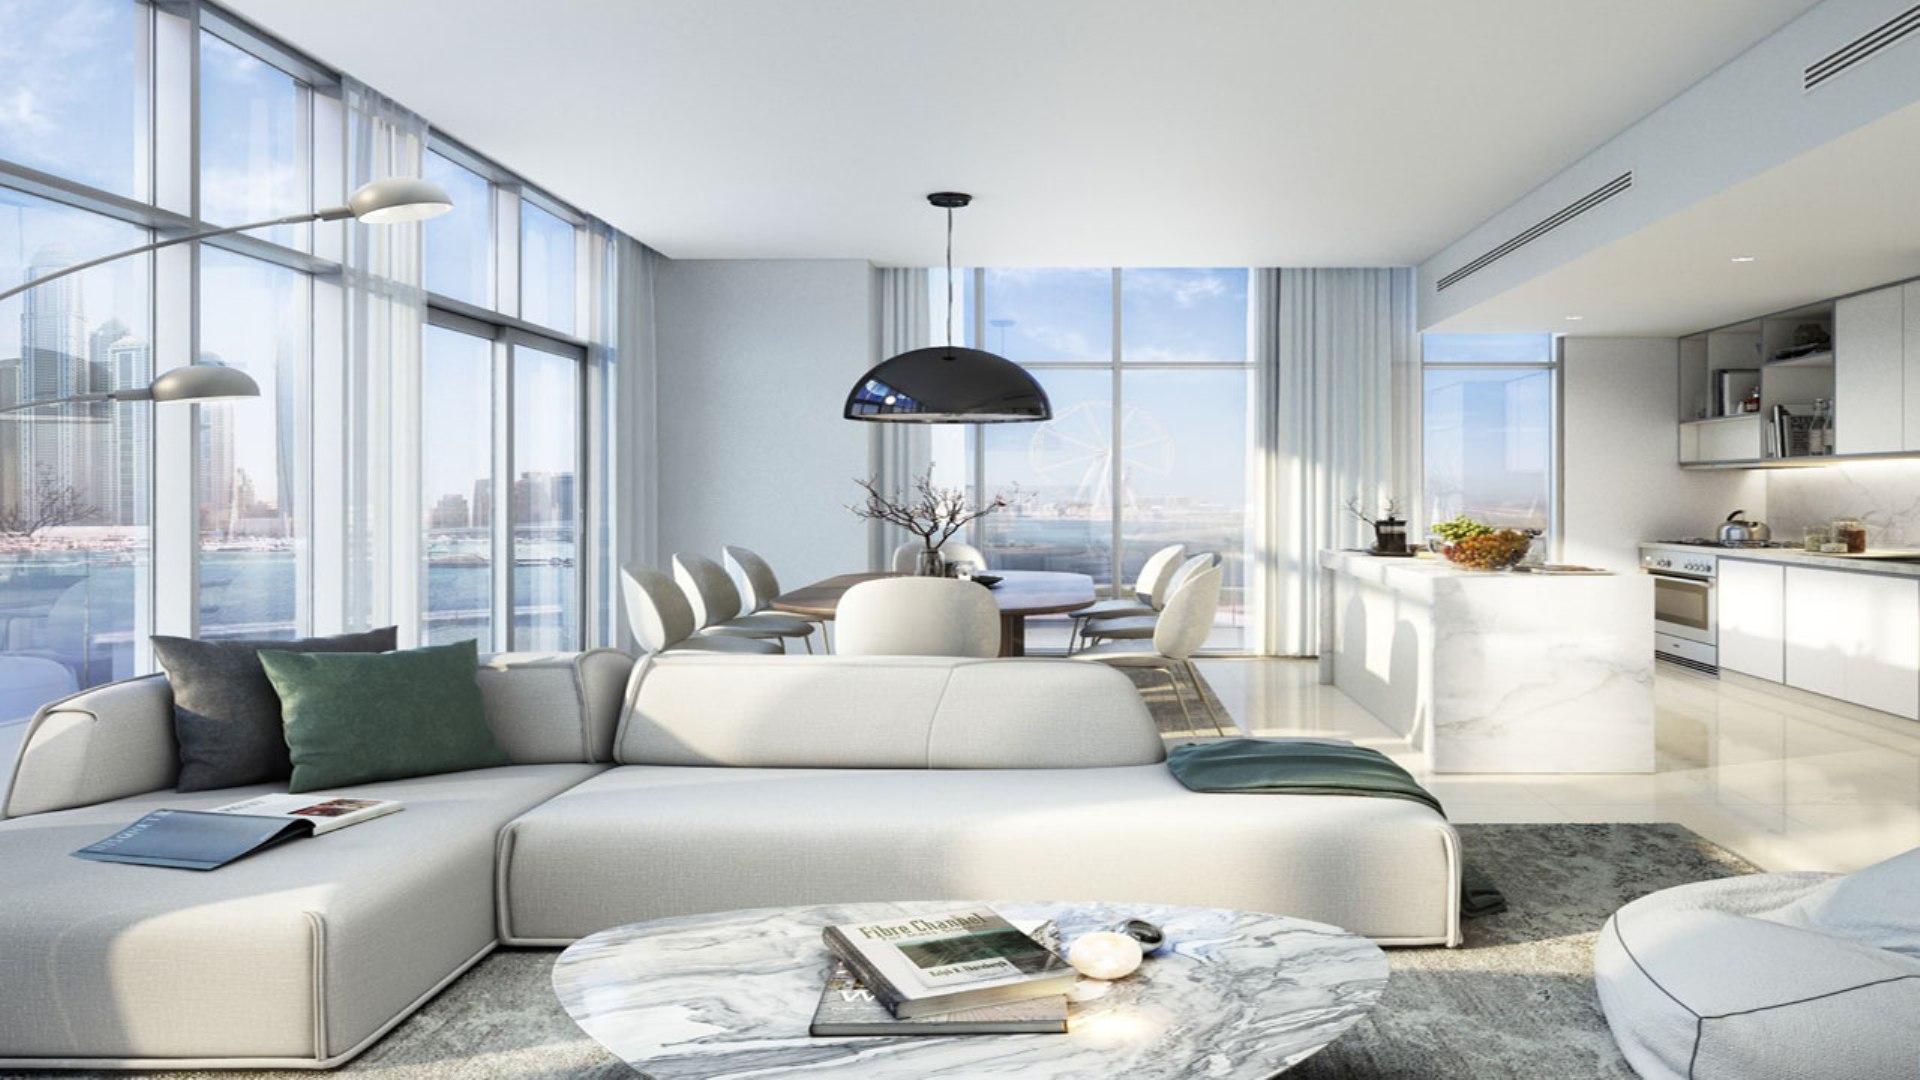 Apartamento en venta en Dubai, EAU, 3 dormitorios, 164 m2, № 24318 – foto 1